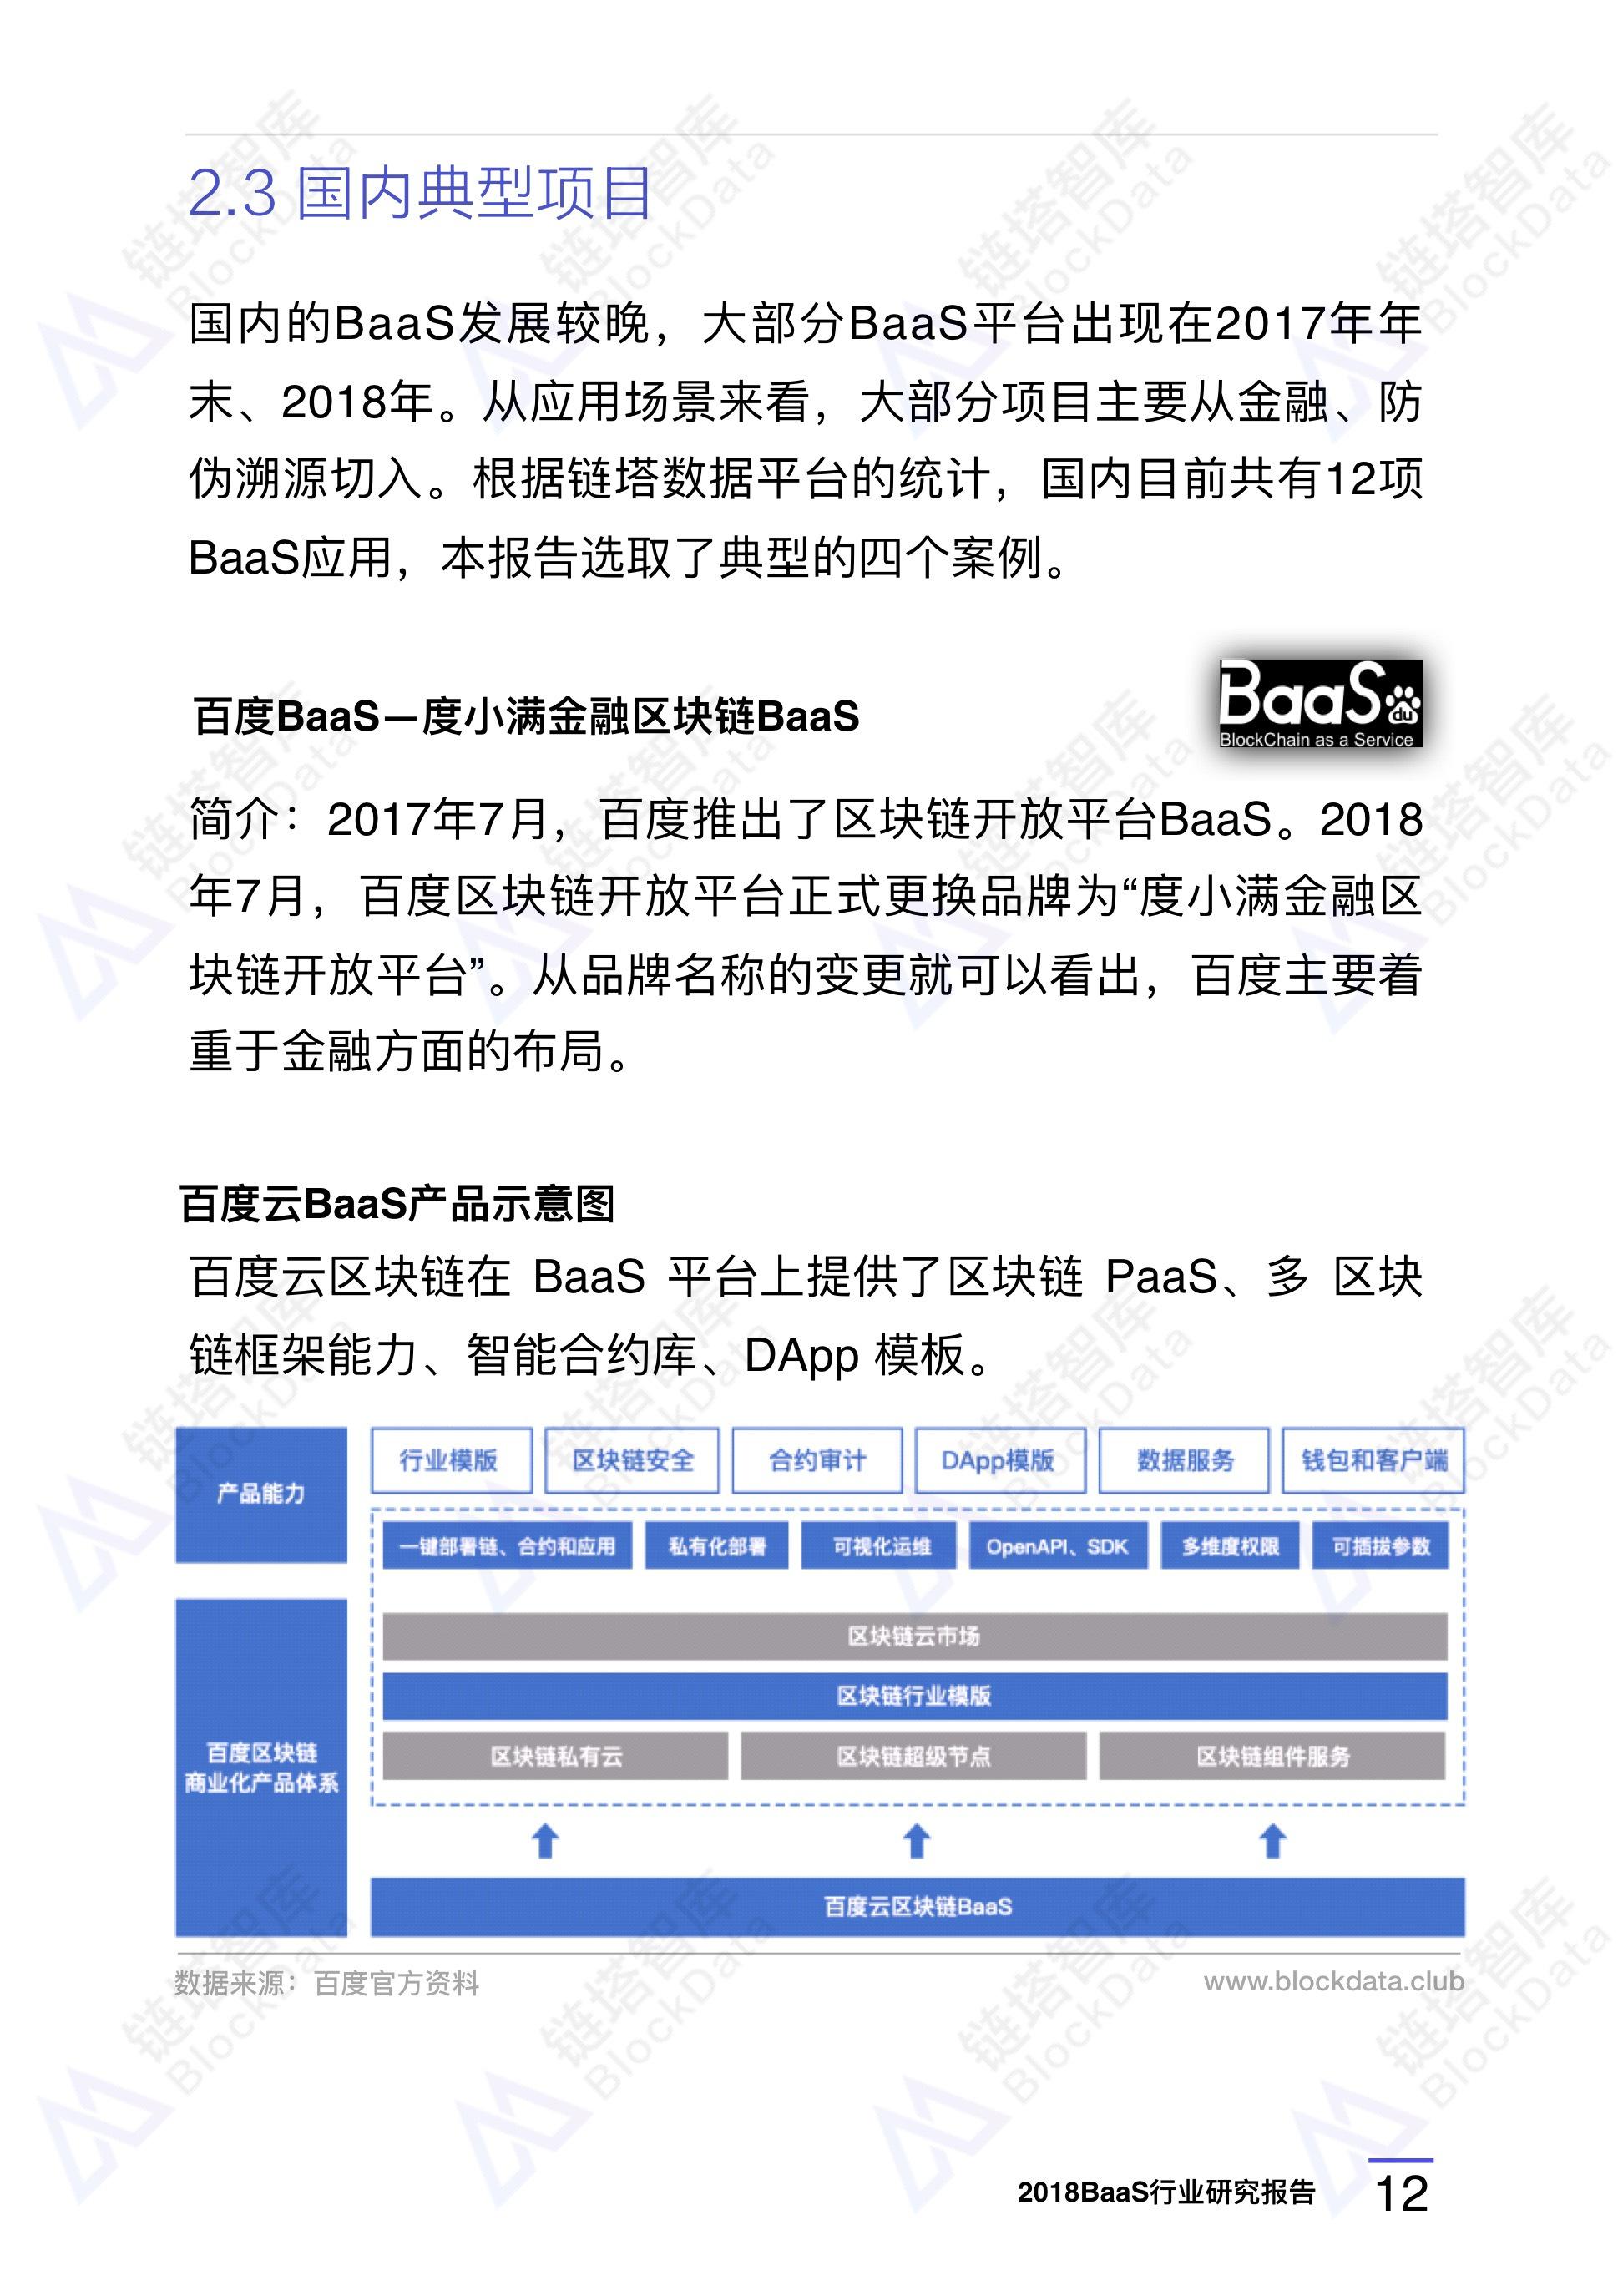 2018 BaaS行业研究报告